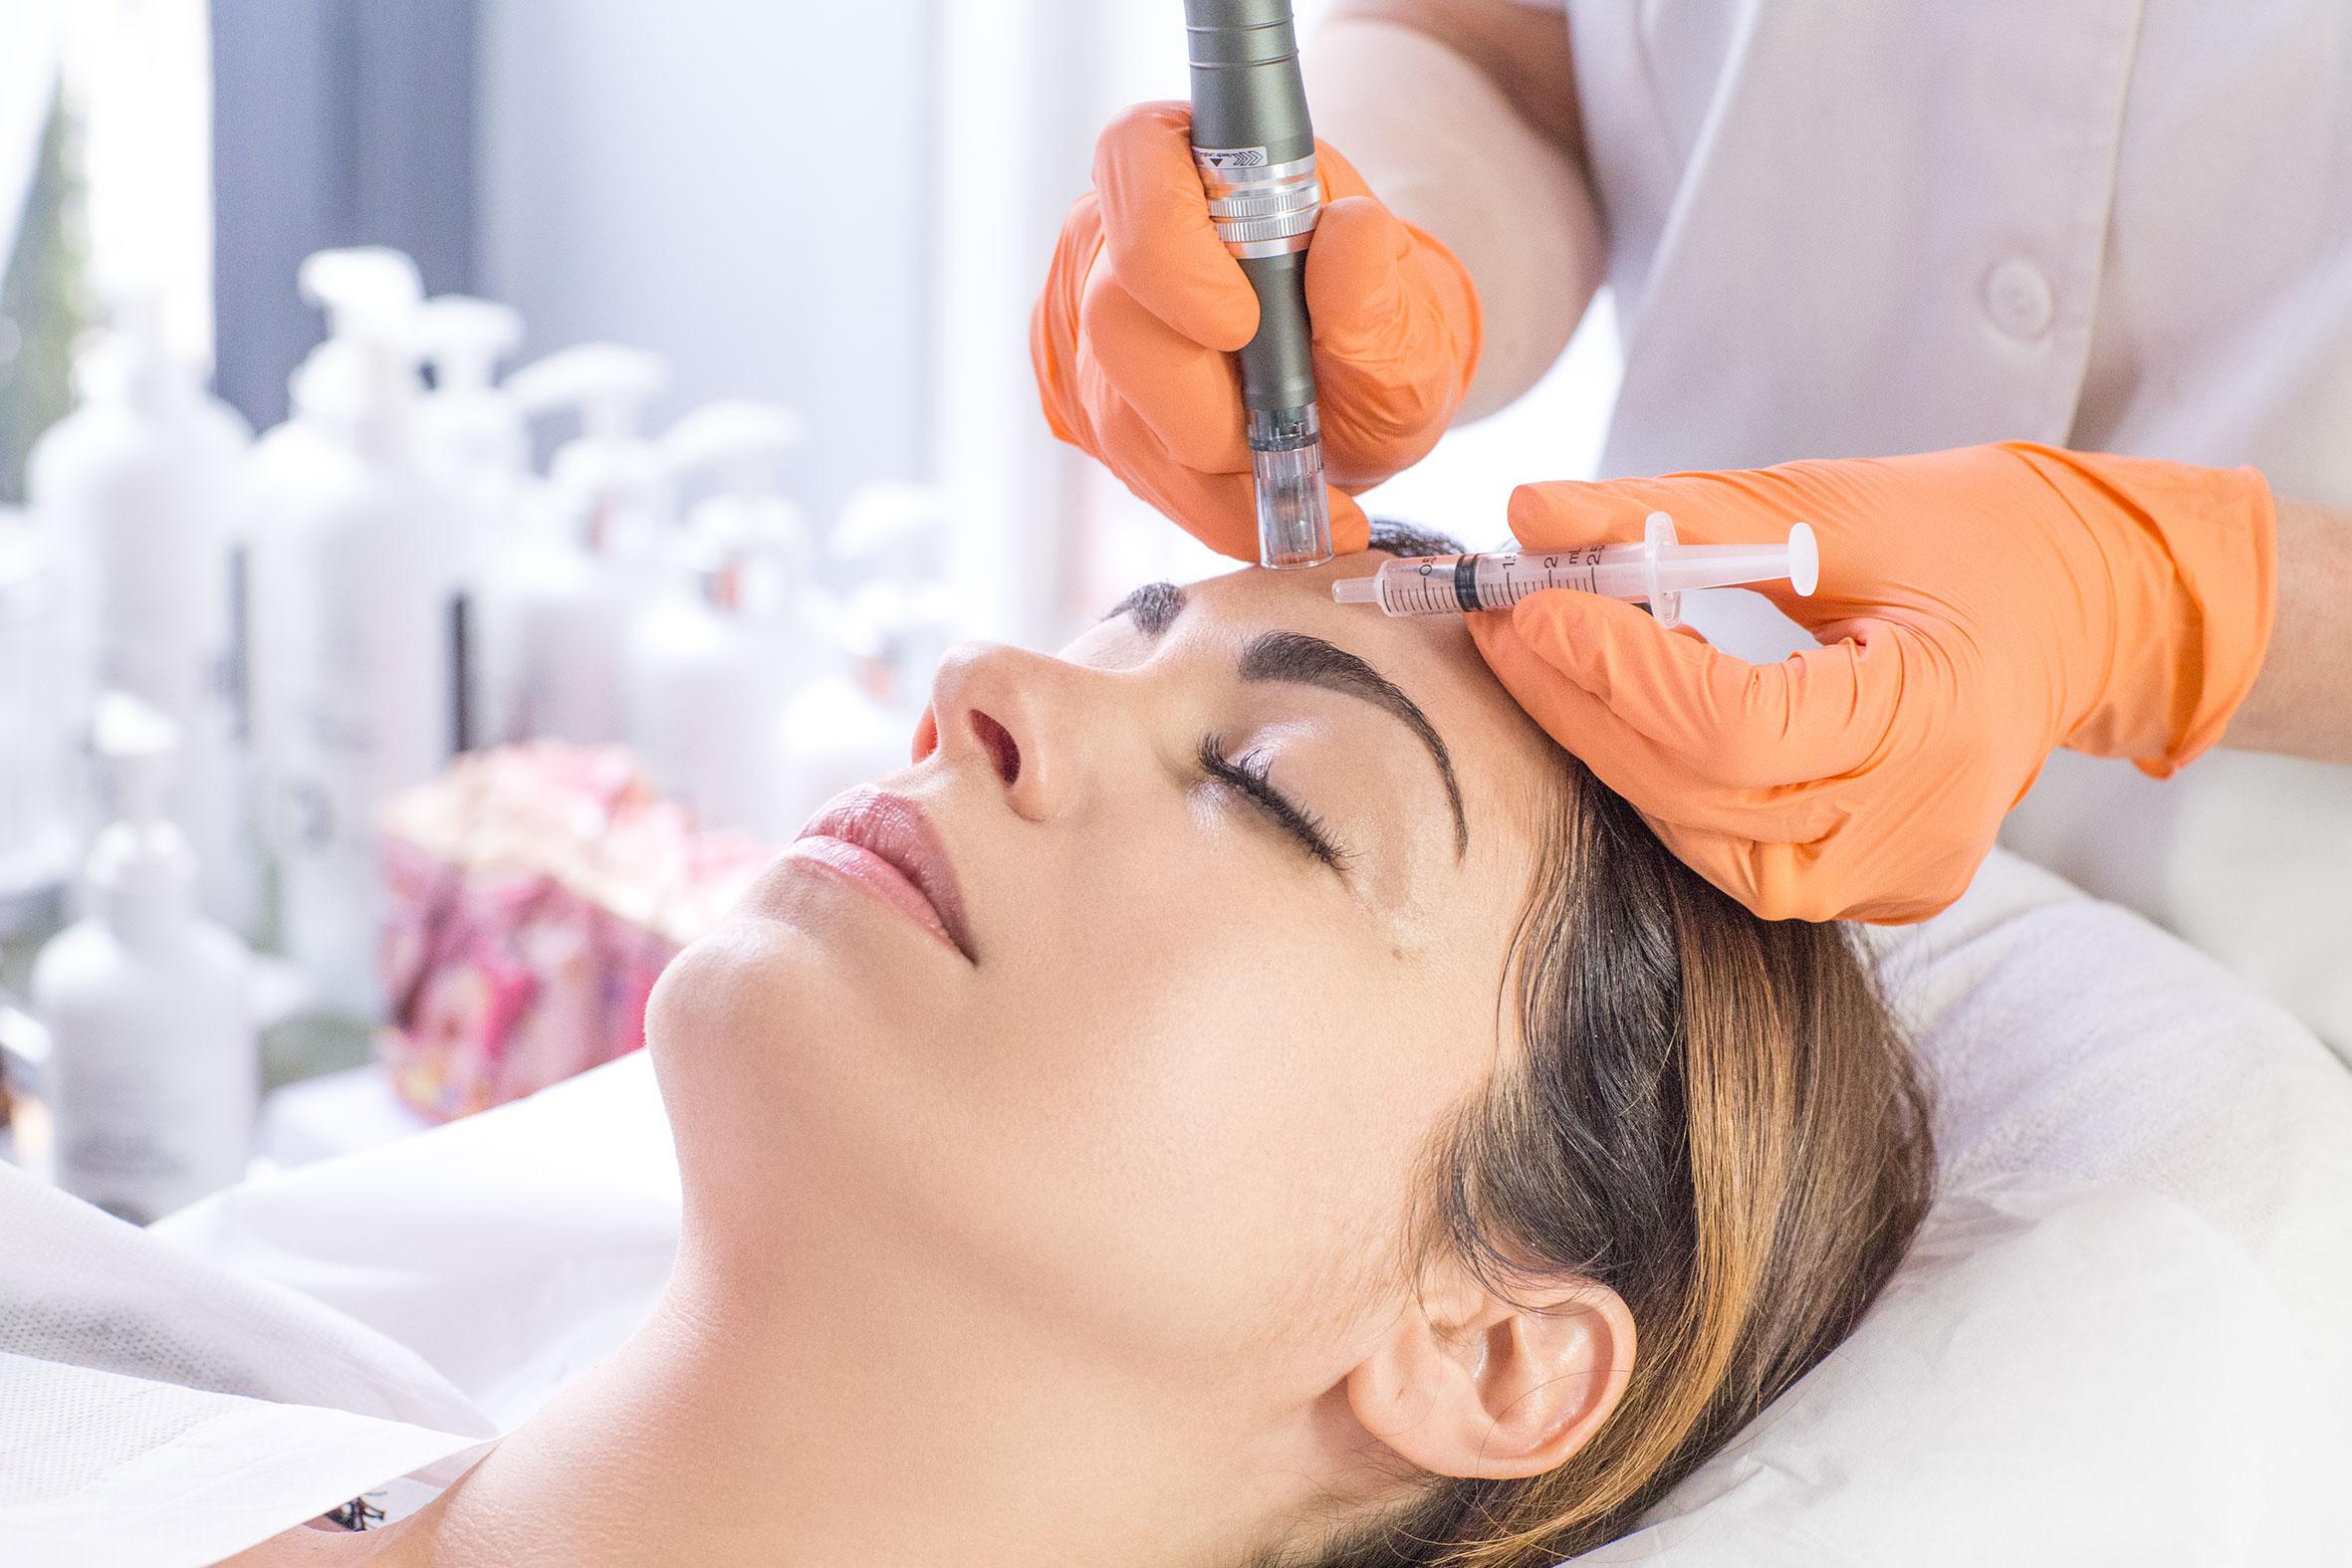 Découvrez le microneedling grâce à Marinela Popescu, fondatrice de l'Institut Marinel situé à Paris et experte en beauté globale de la peau.